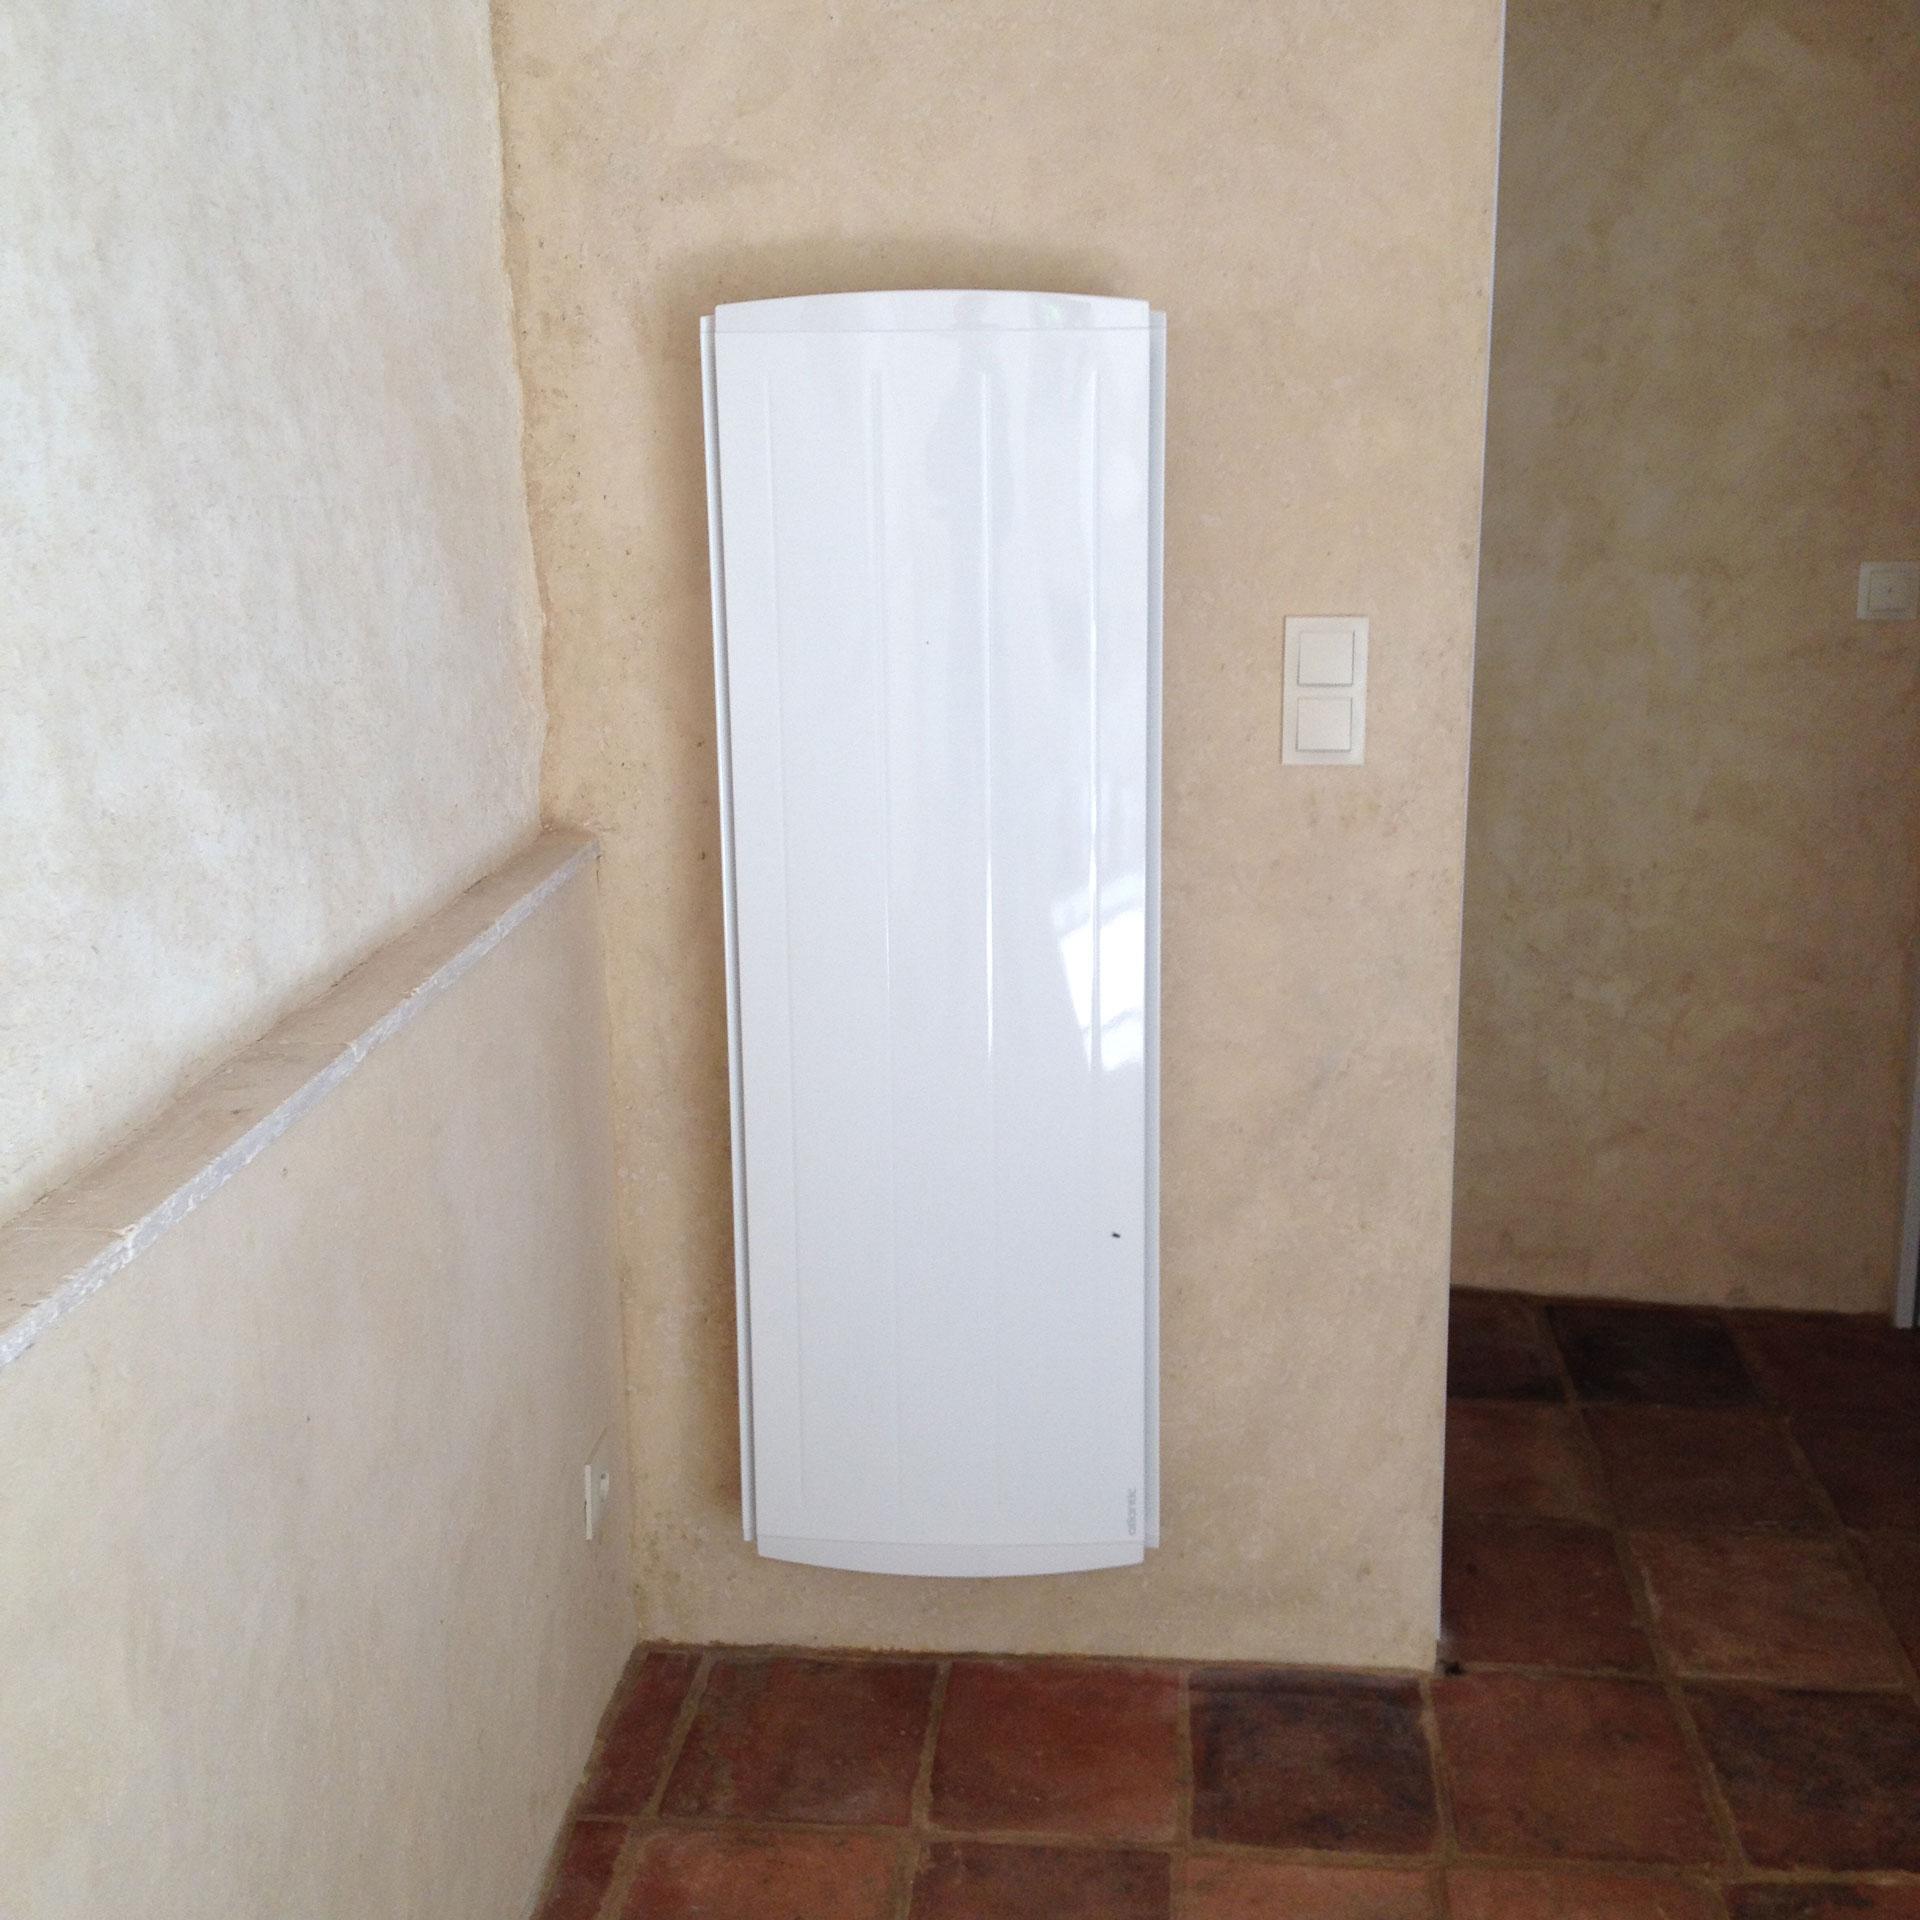 radiateur inertie lectrique s che serviette fd elec. Black Bedroom Furniture Sets. Home Design Ideas